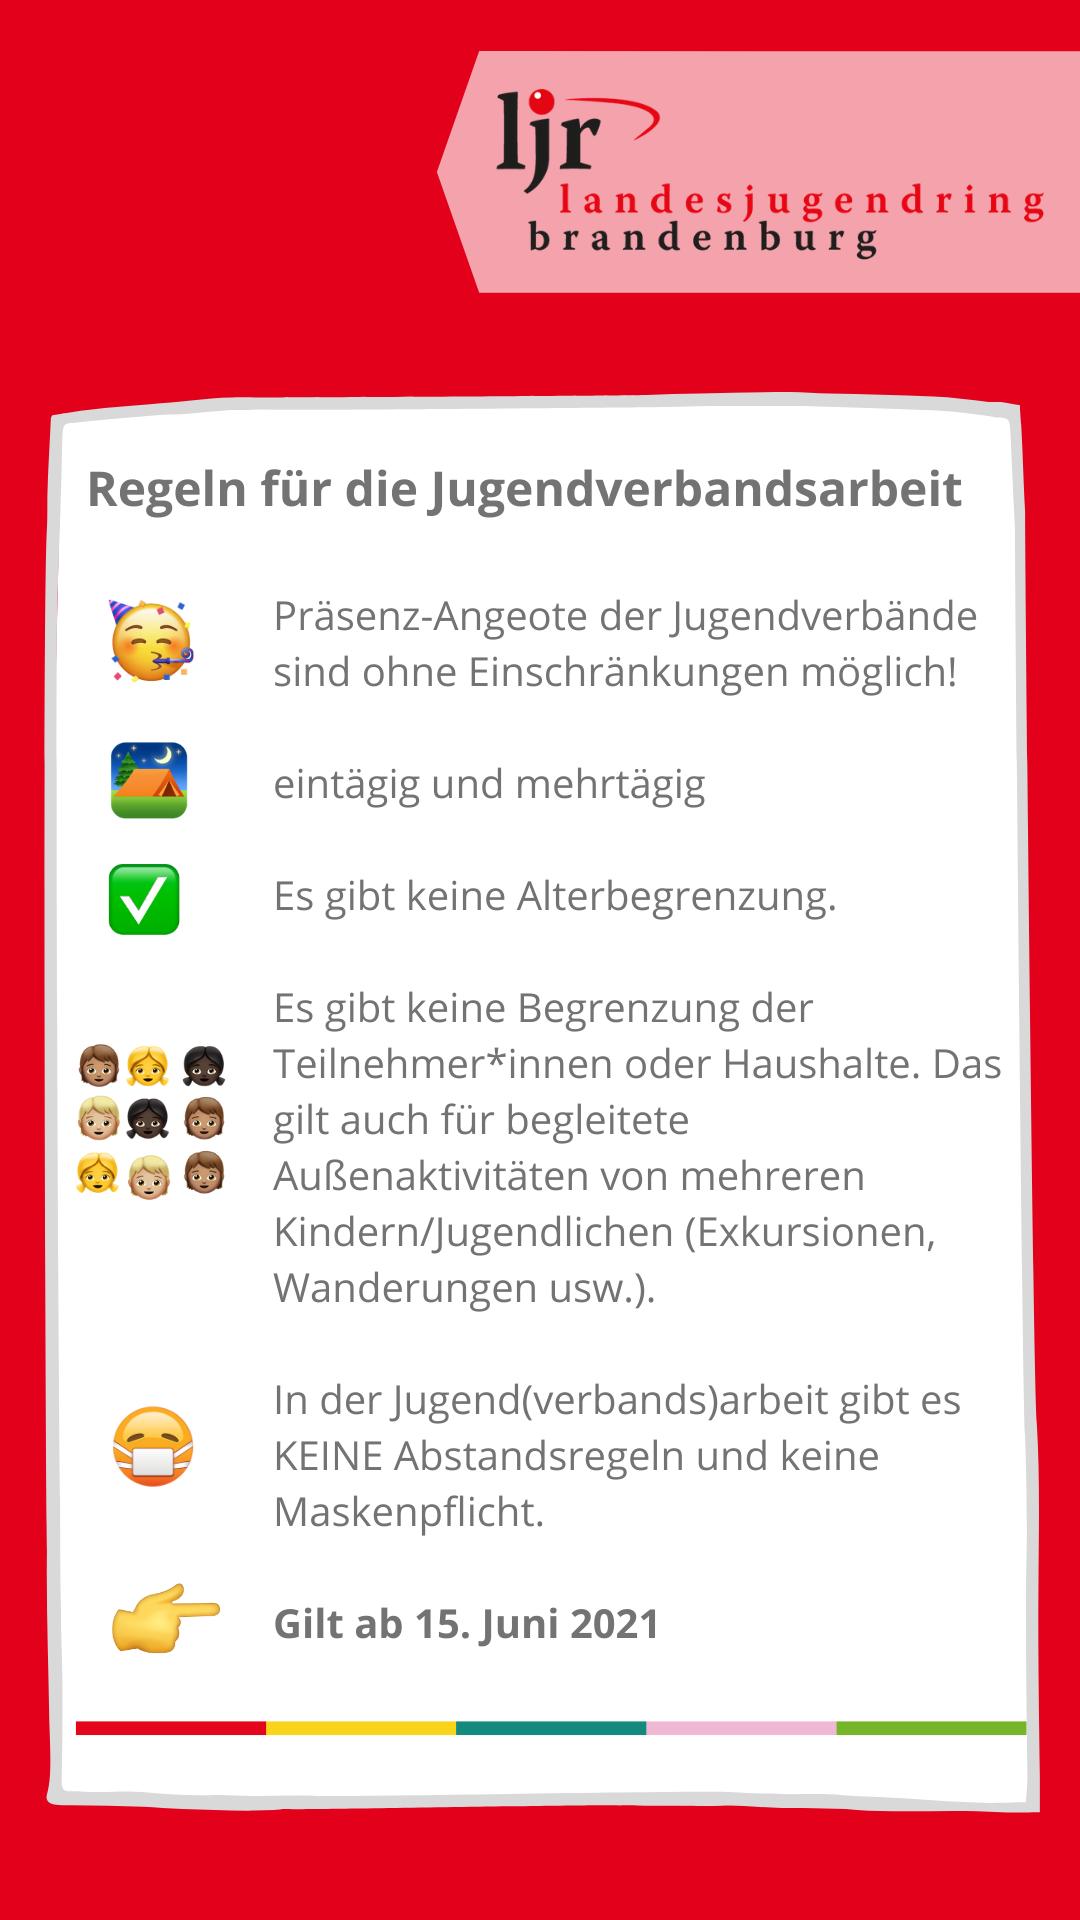 https://www.ljr-brandenburg.de/wp-content/uploads/2021/06/210615_CoronaRegelnInstaStory-2.png